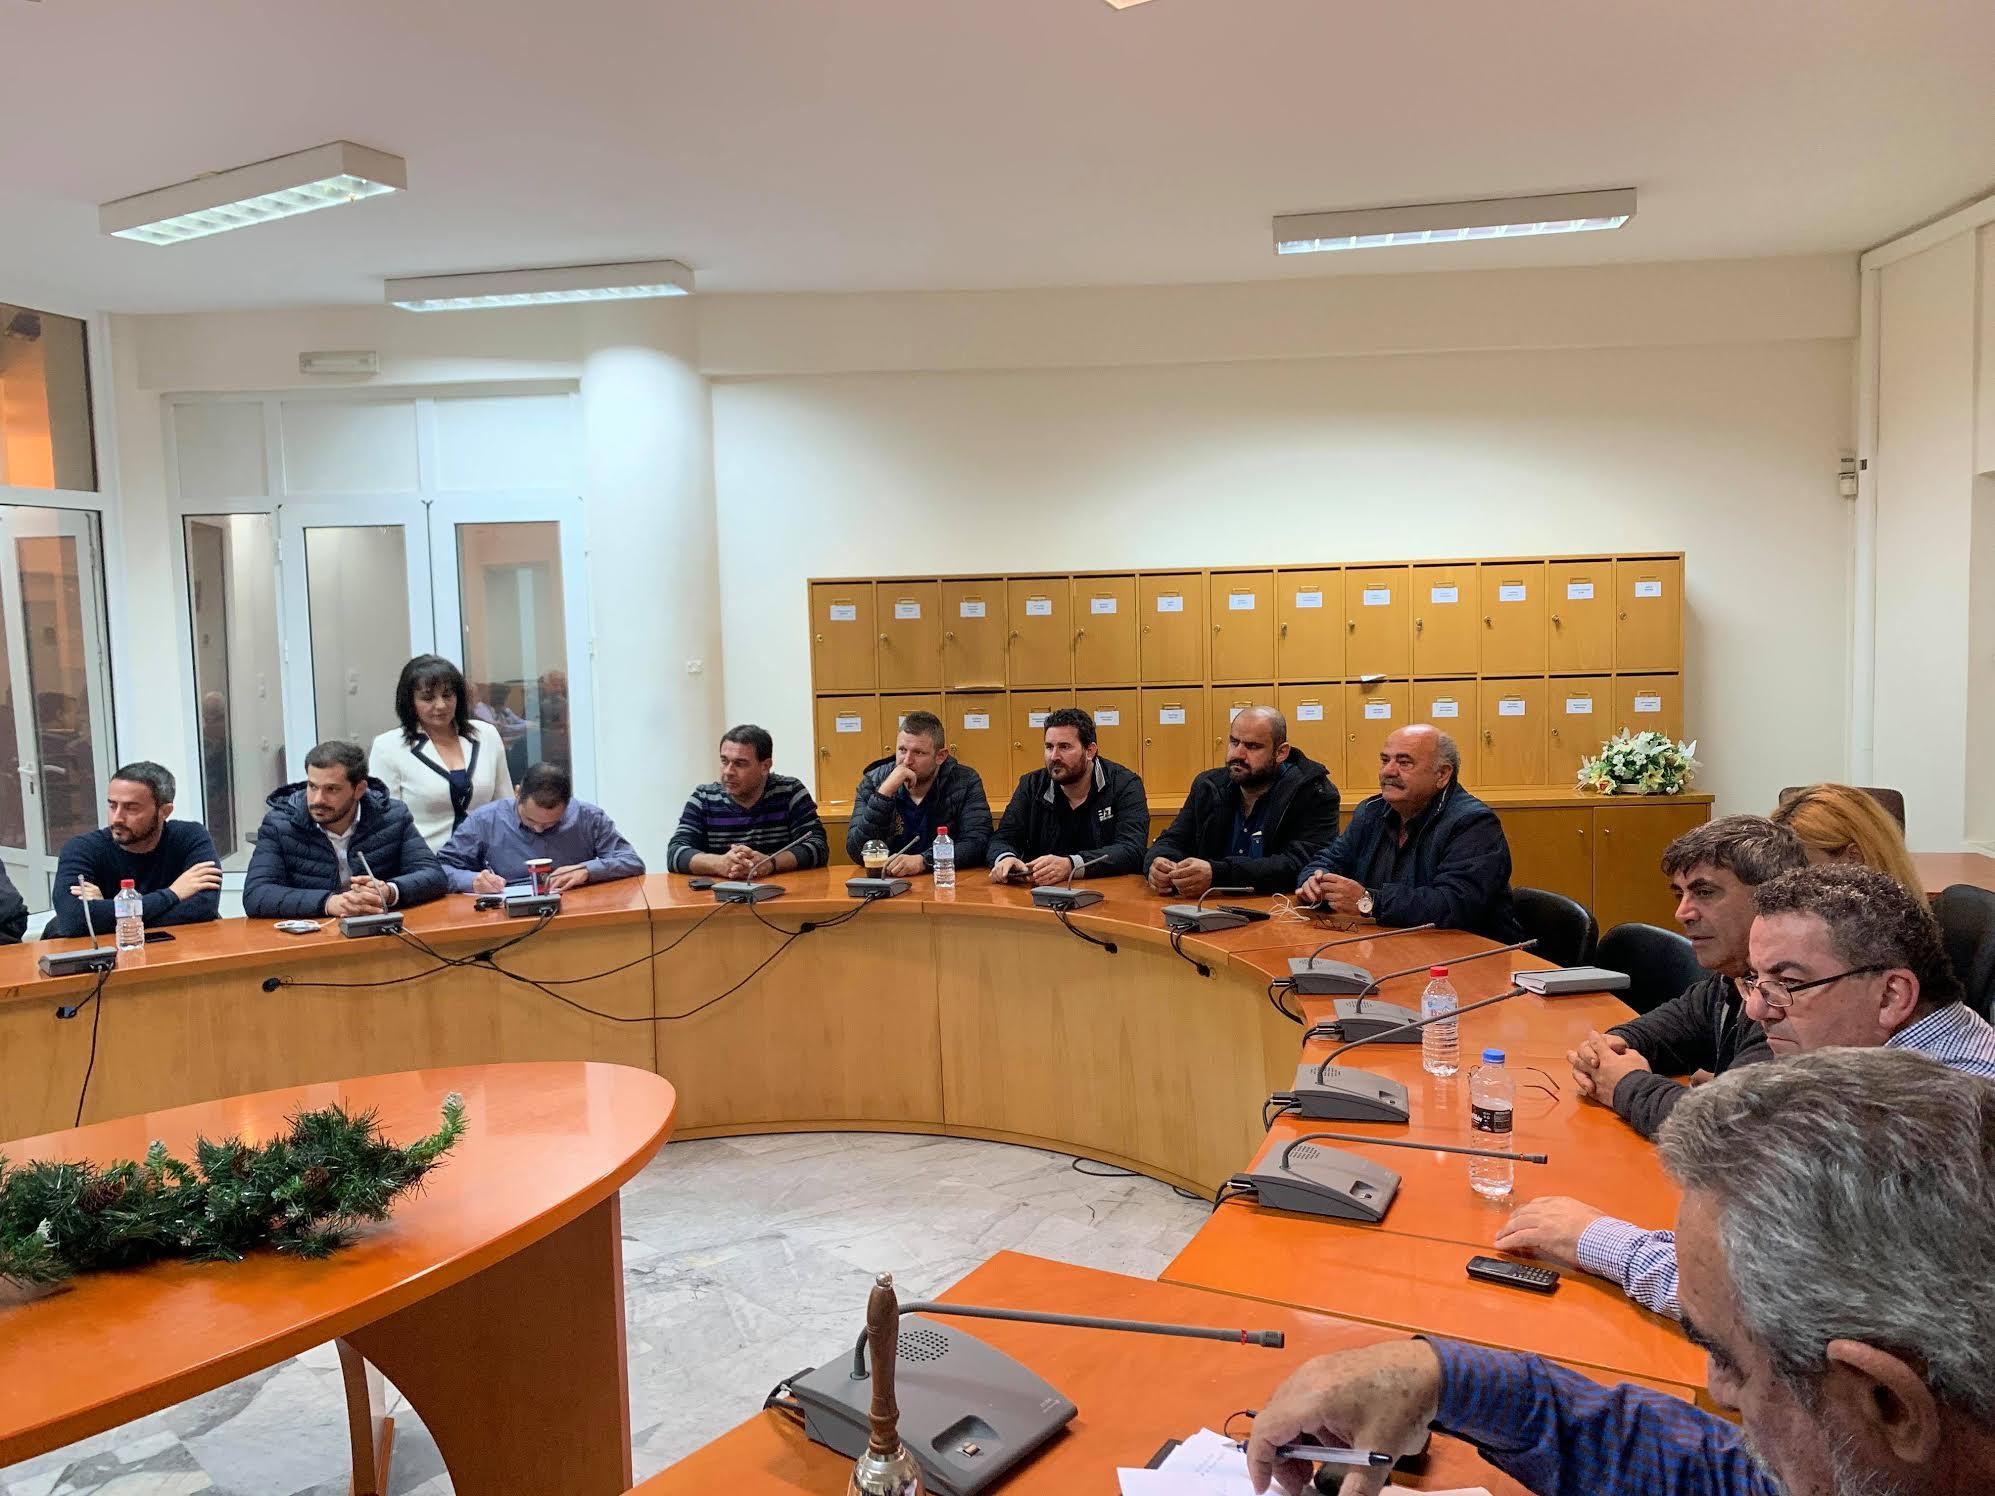 0-4-9 Σύσκεψη για τον πρωτογενή τομέα στο Μαλεβίζι